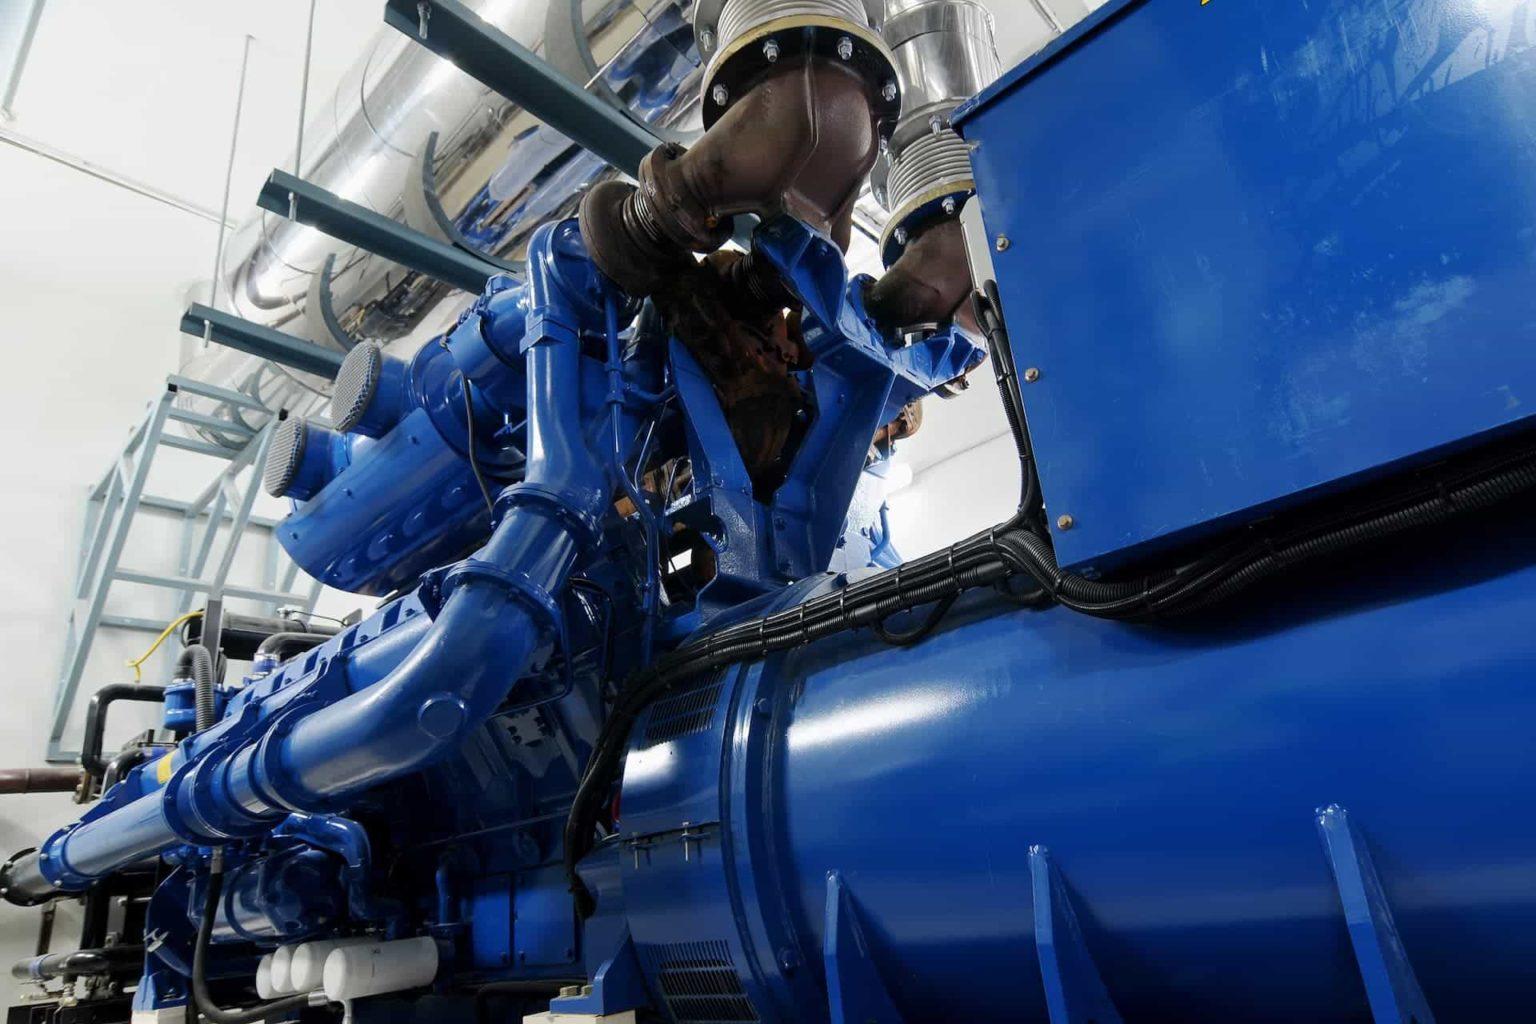 Ecobonus 110% per impianti di microcogenerazione: migliorare la classe energetica e massimizzare il risparmio